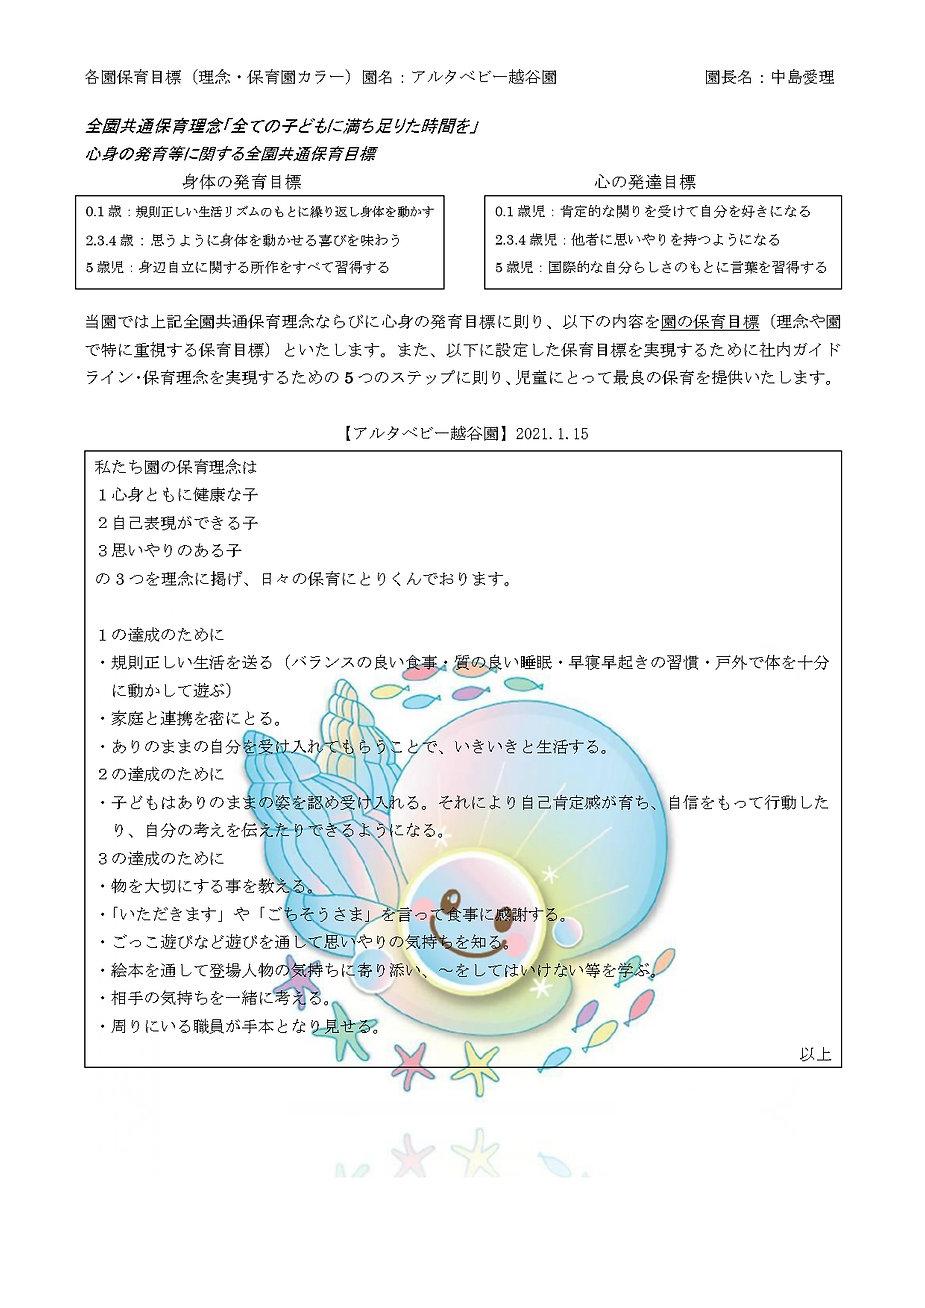 アルタベビー越谷園_page-0001.jpg